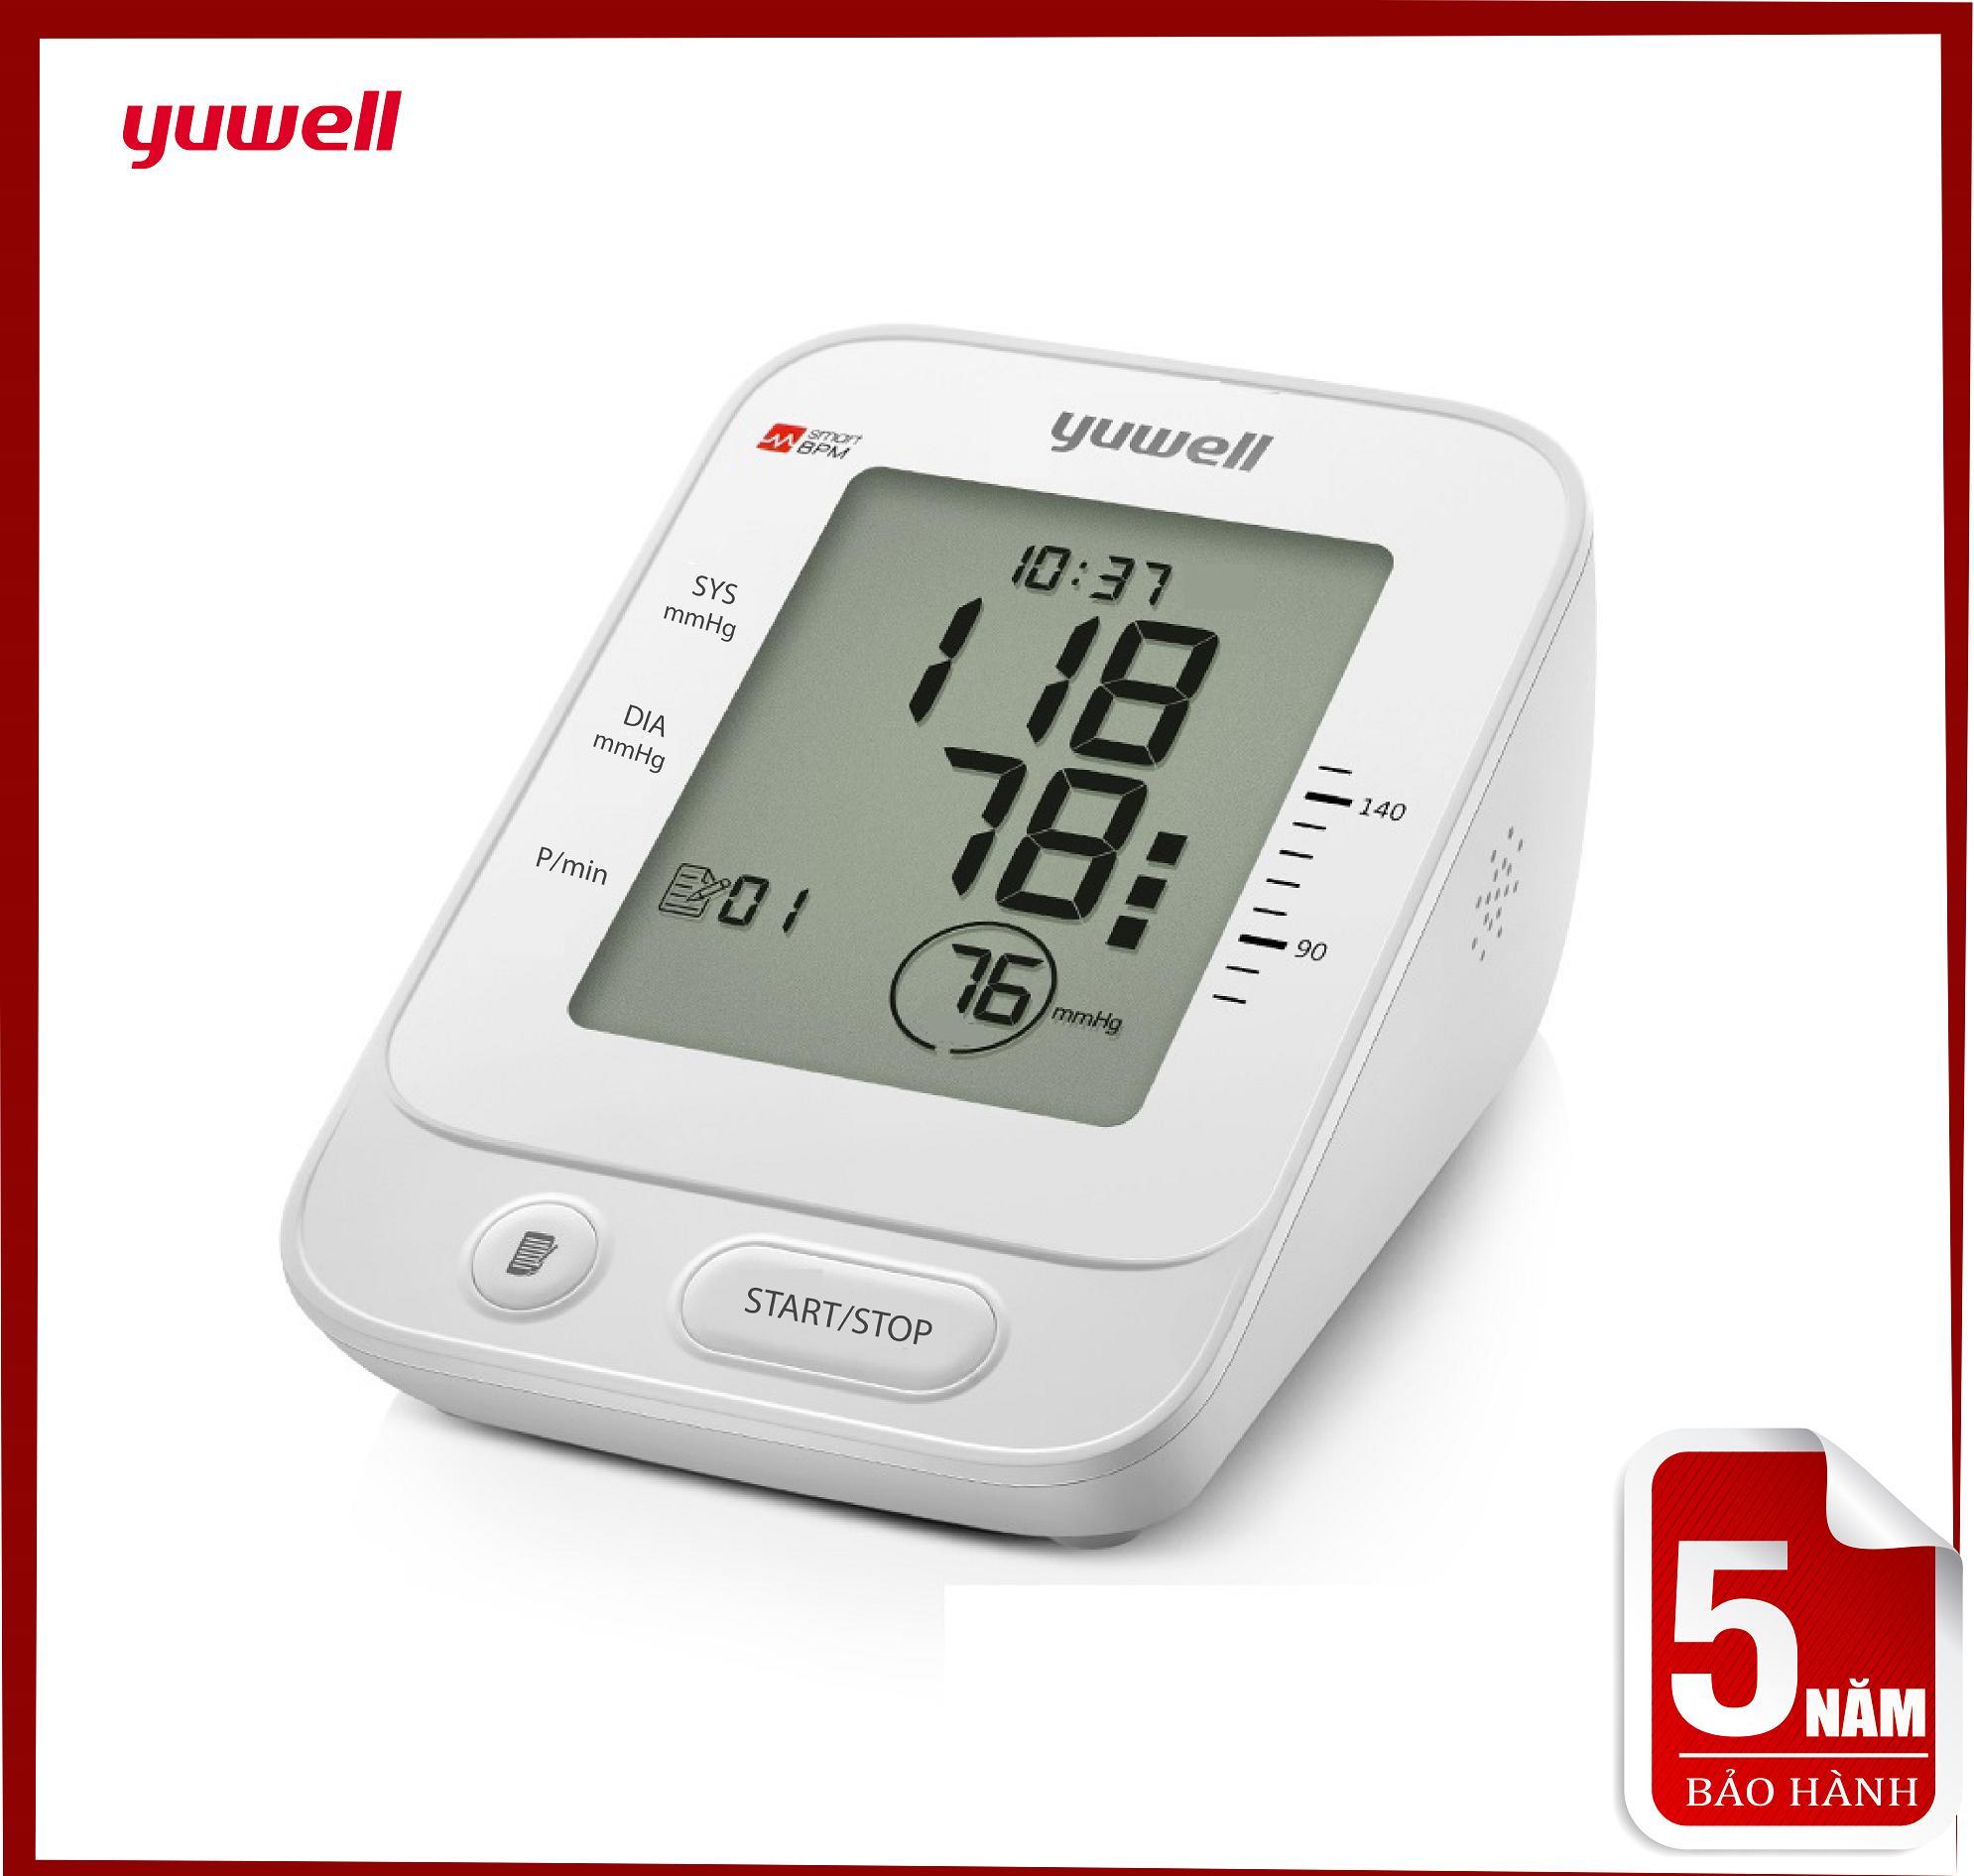 Nơi bán Máy đo huyết áp bắp tay Yuwell YE660E